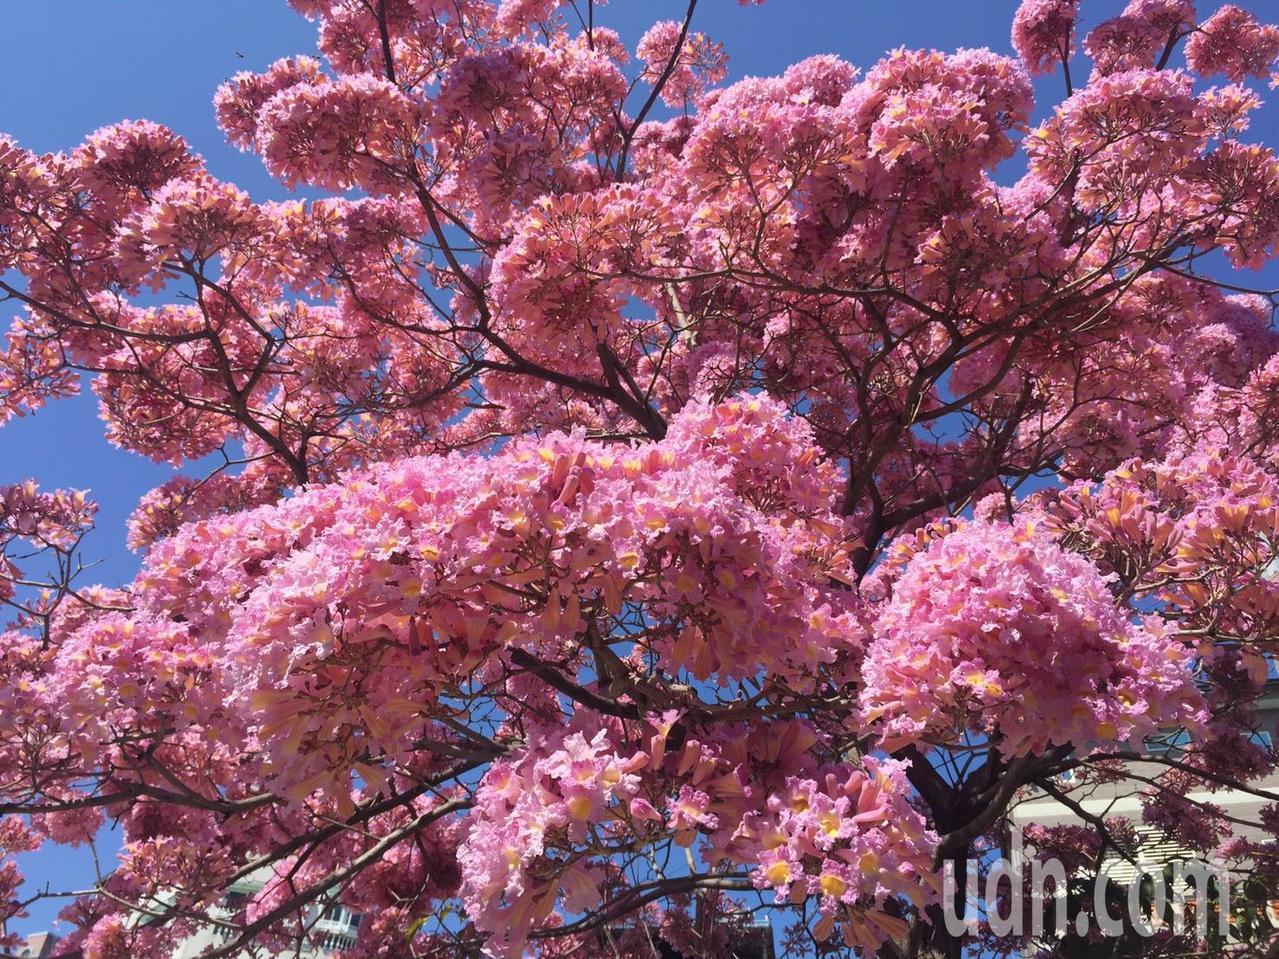 彰化市南校街南郭國小後門人行道上,那棵神奇的紅花風鈴木又盛開了,滿樹粉紅,就像是...